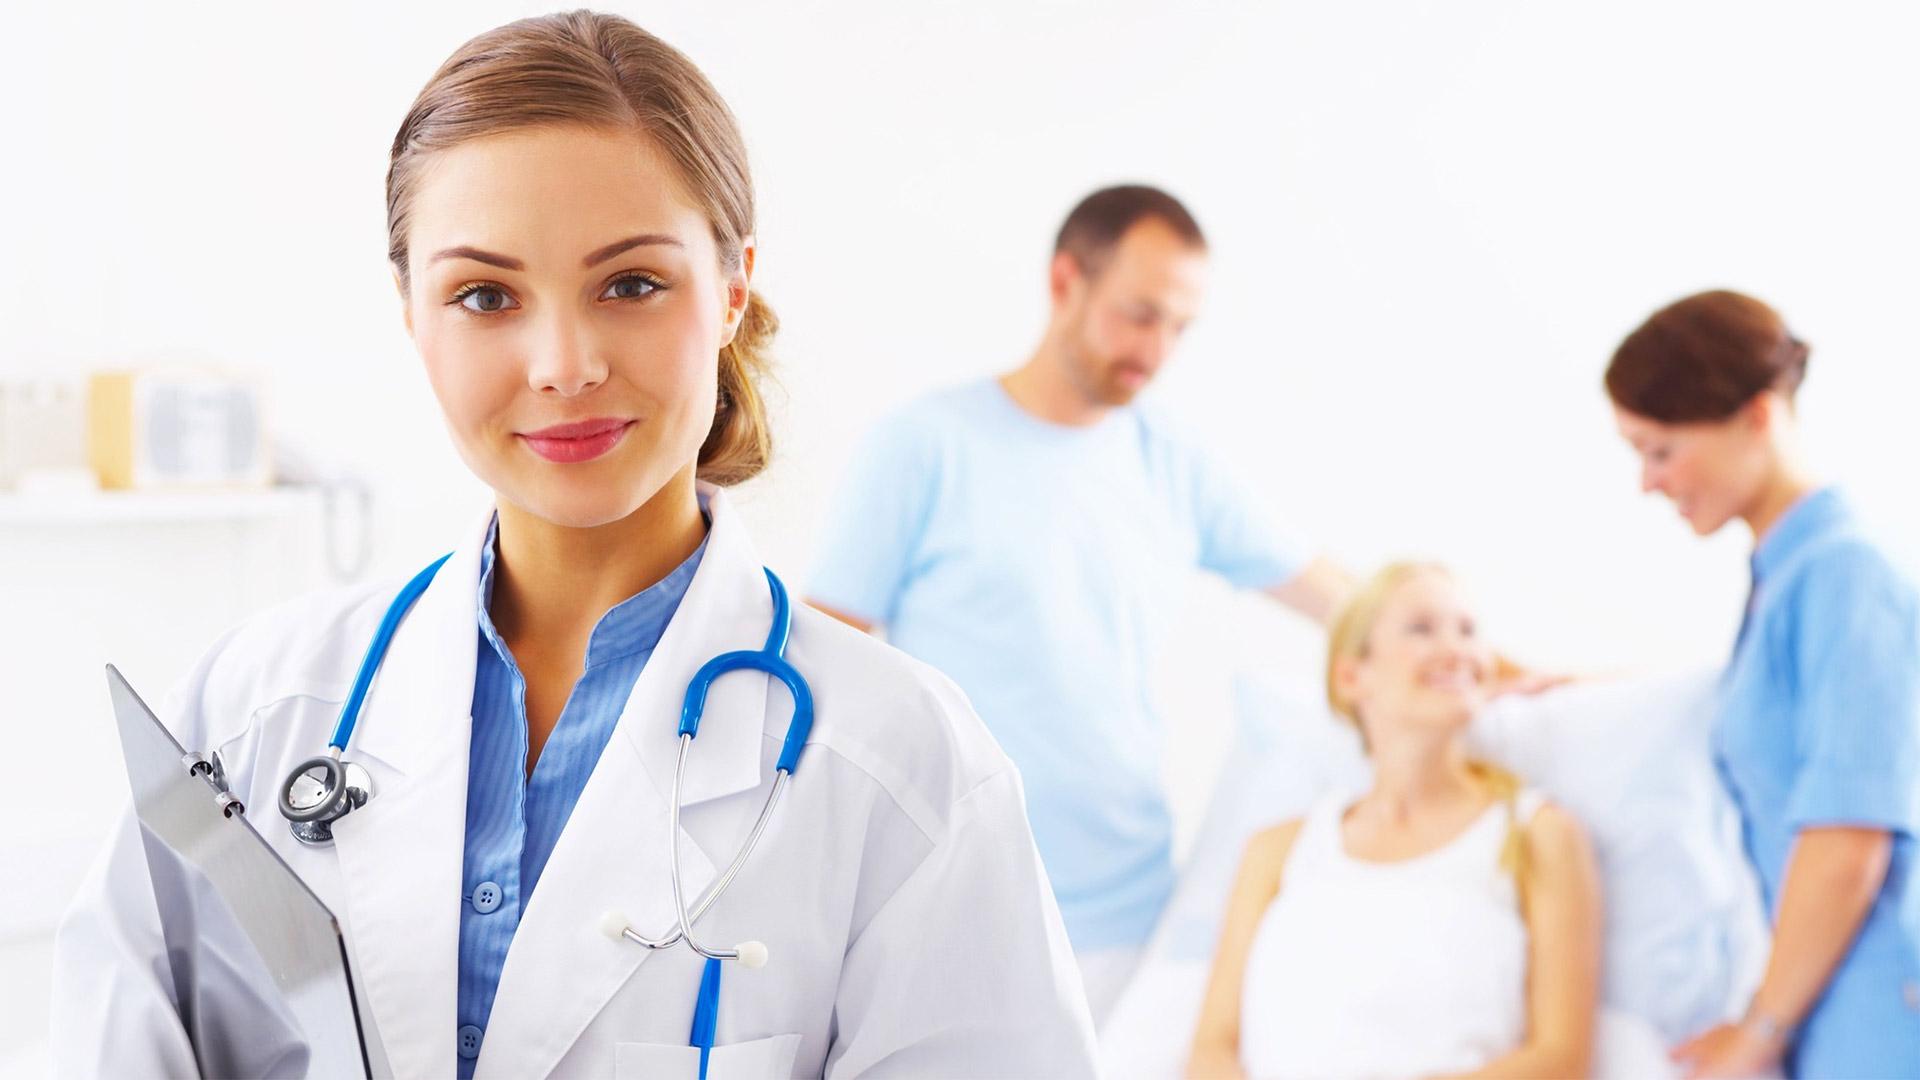 Бесплатный вебинар: Как увеличить оборот клиники в 2 раза